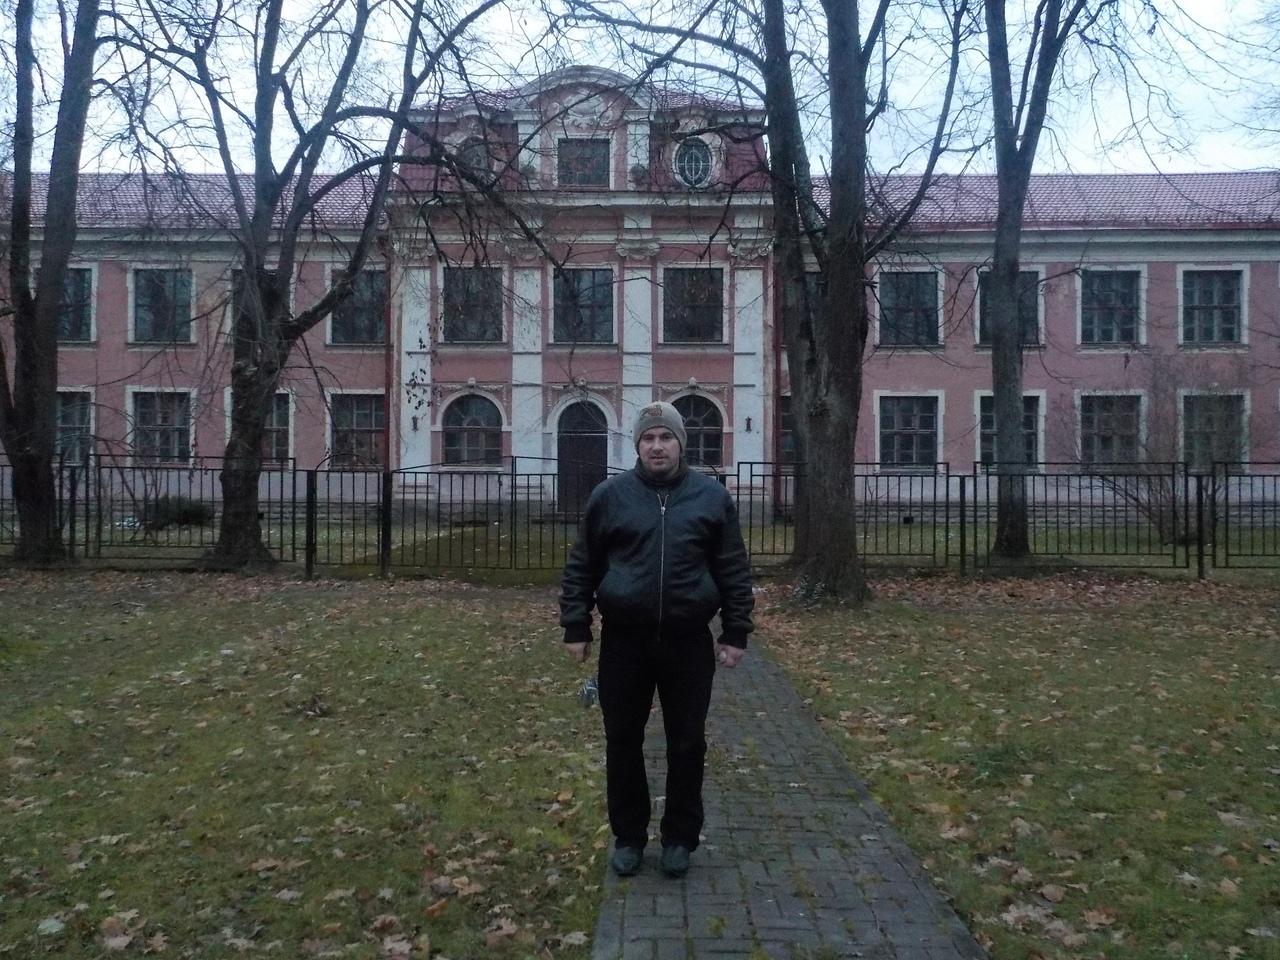 Псковская область в ноябре. Город Печоры - самый западный уголок материковой России